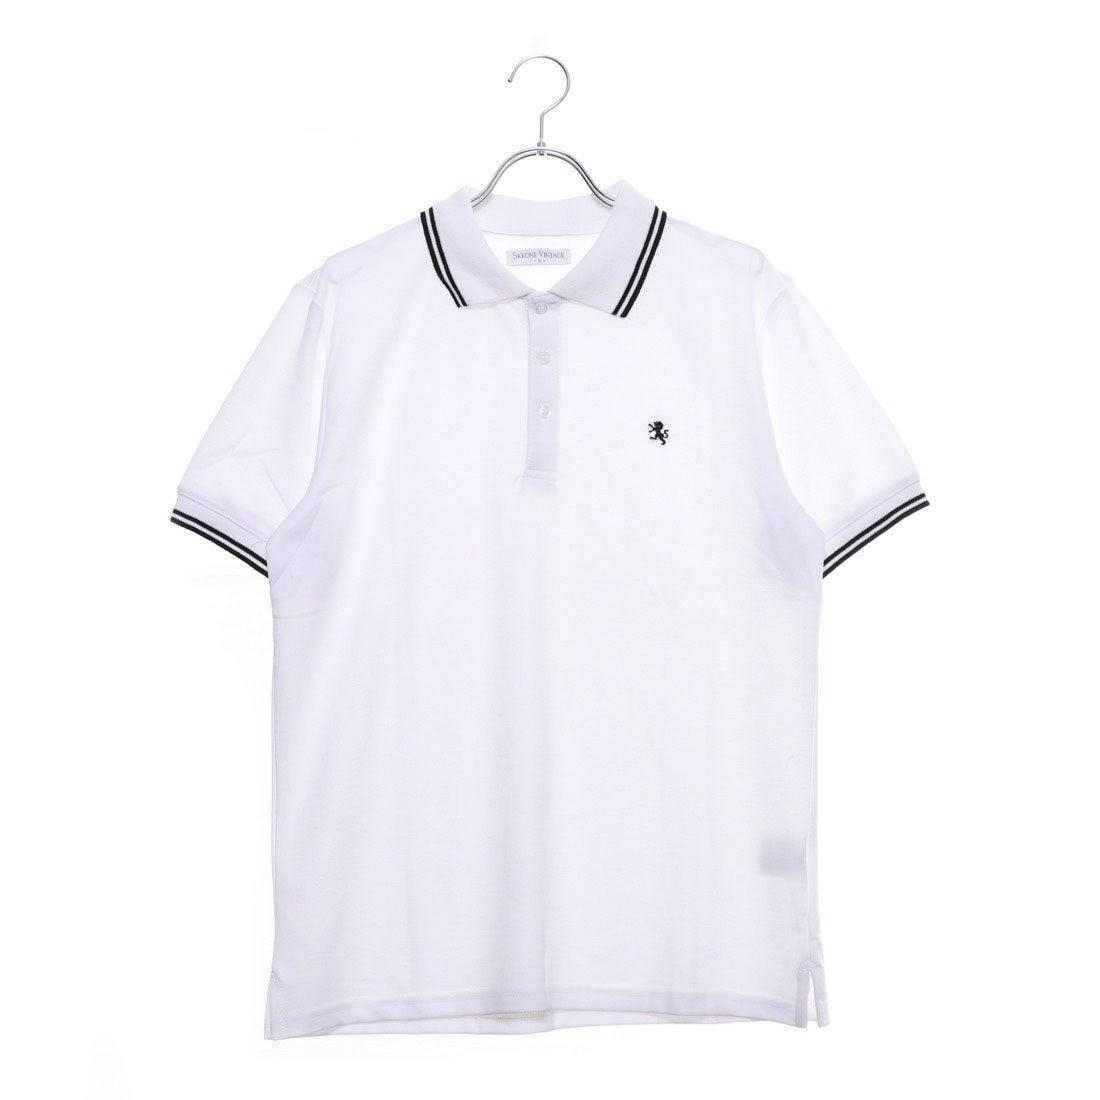 ロコンド 靴とファッションの通販サイトスタイルブロック STYLEBLOCK 刺繍ライン入りドライポロシャツ (ホワイトB)